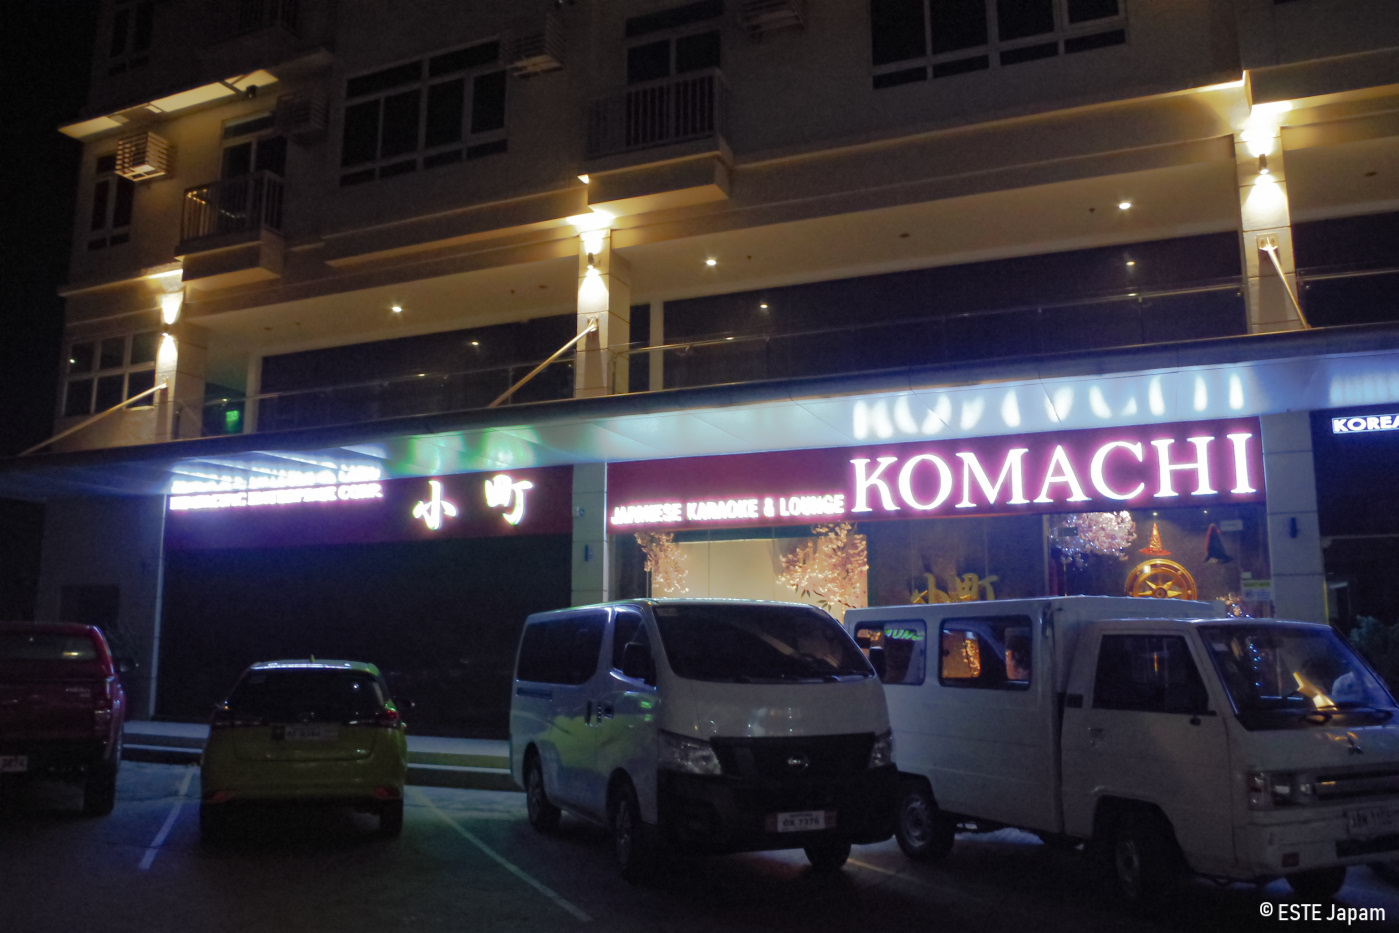 日本式KTVの小町の外観